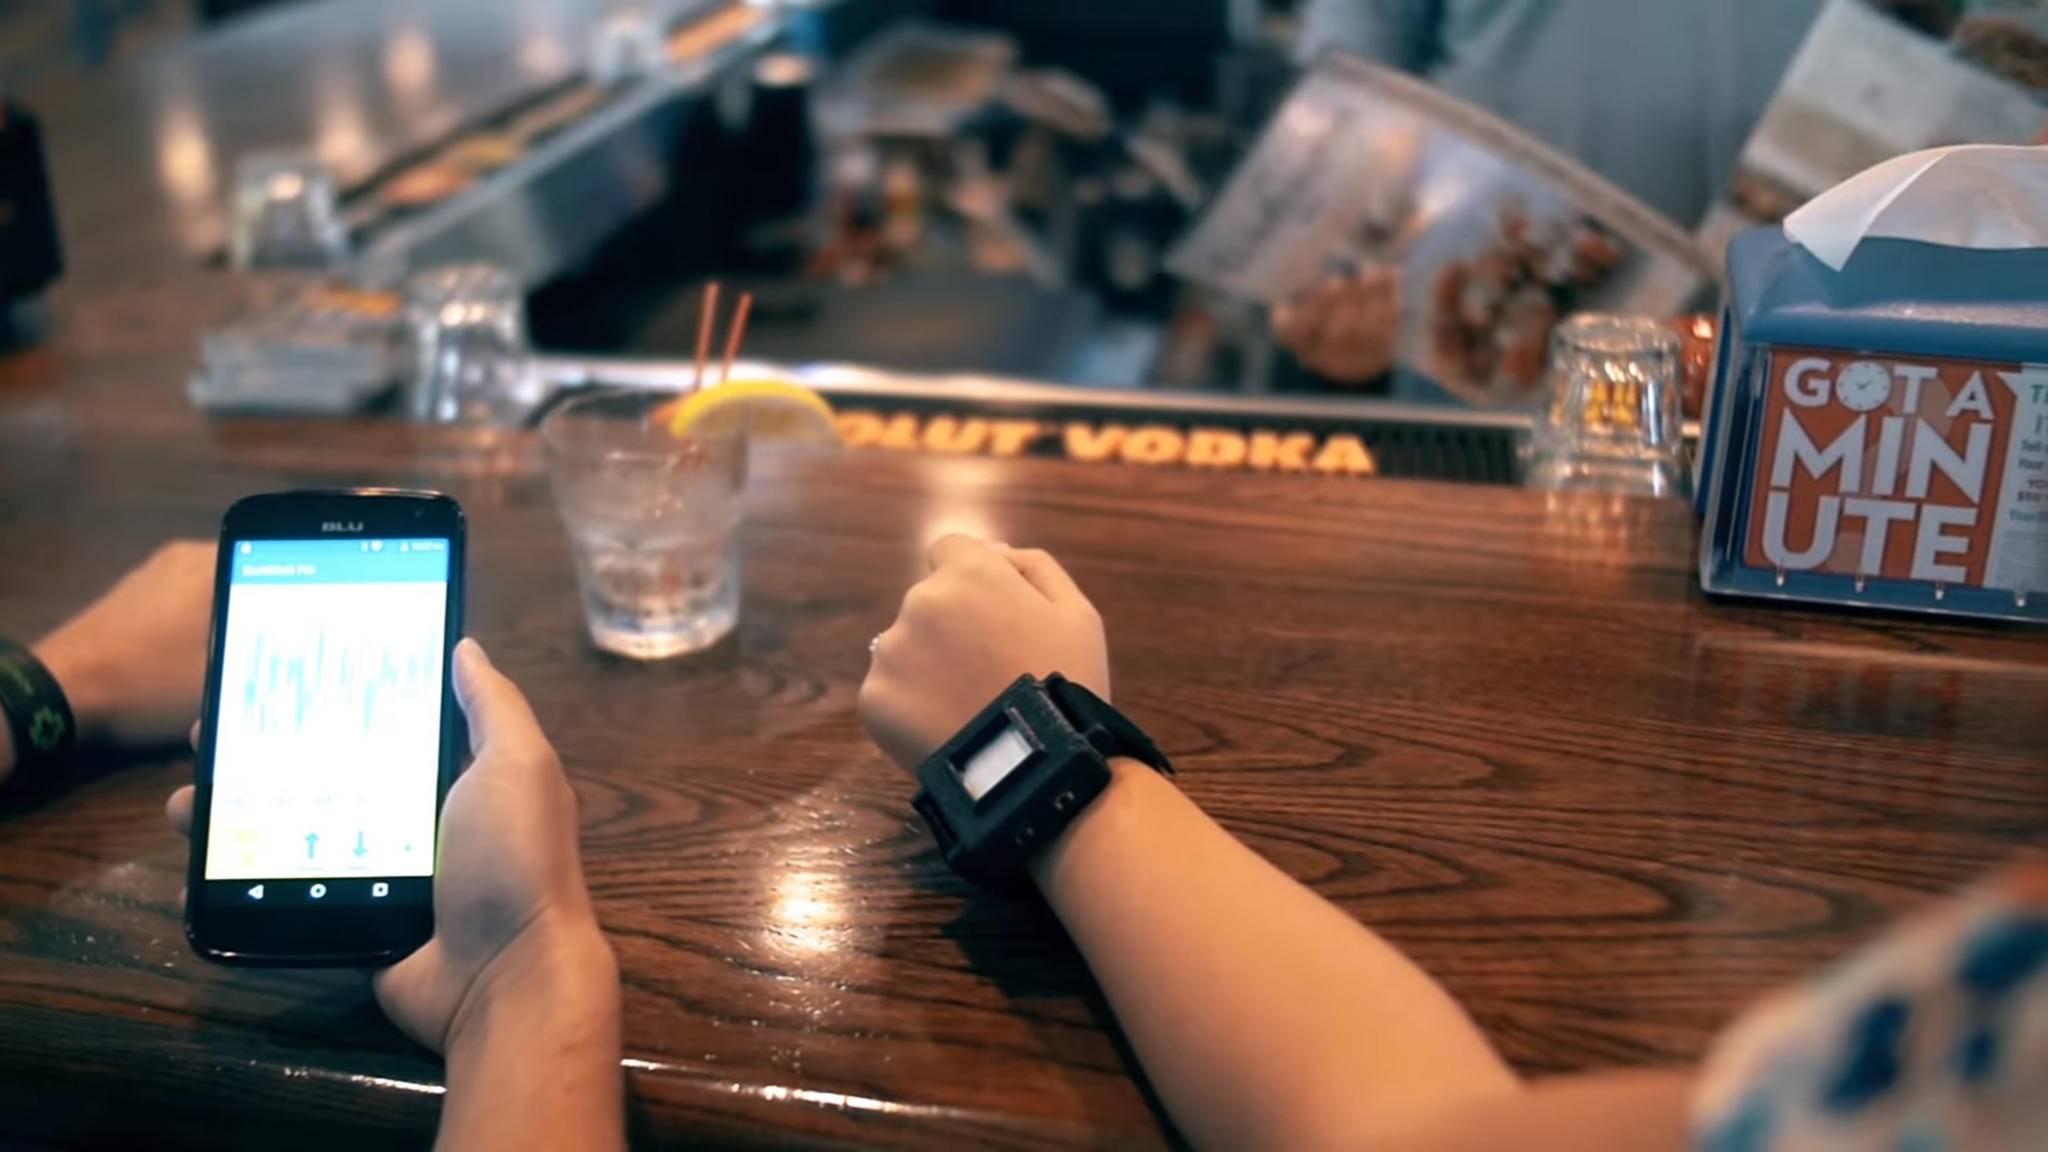 Der tragbare Sensor ist zwar noch etwas klobig am Handgelenk, kann jedoch innerhalb von Sekunden Alkoholwerte messen.